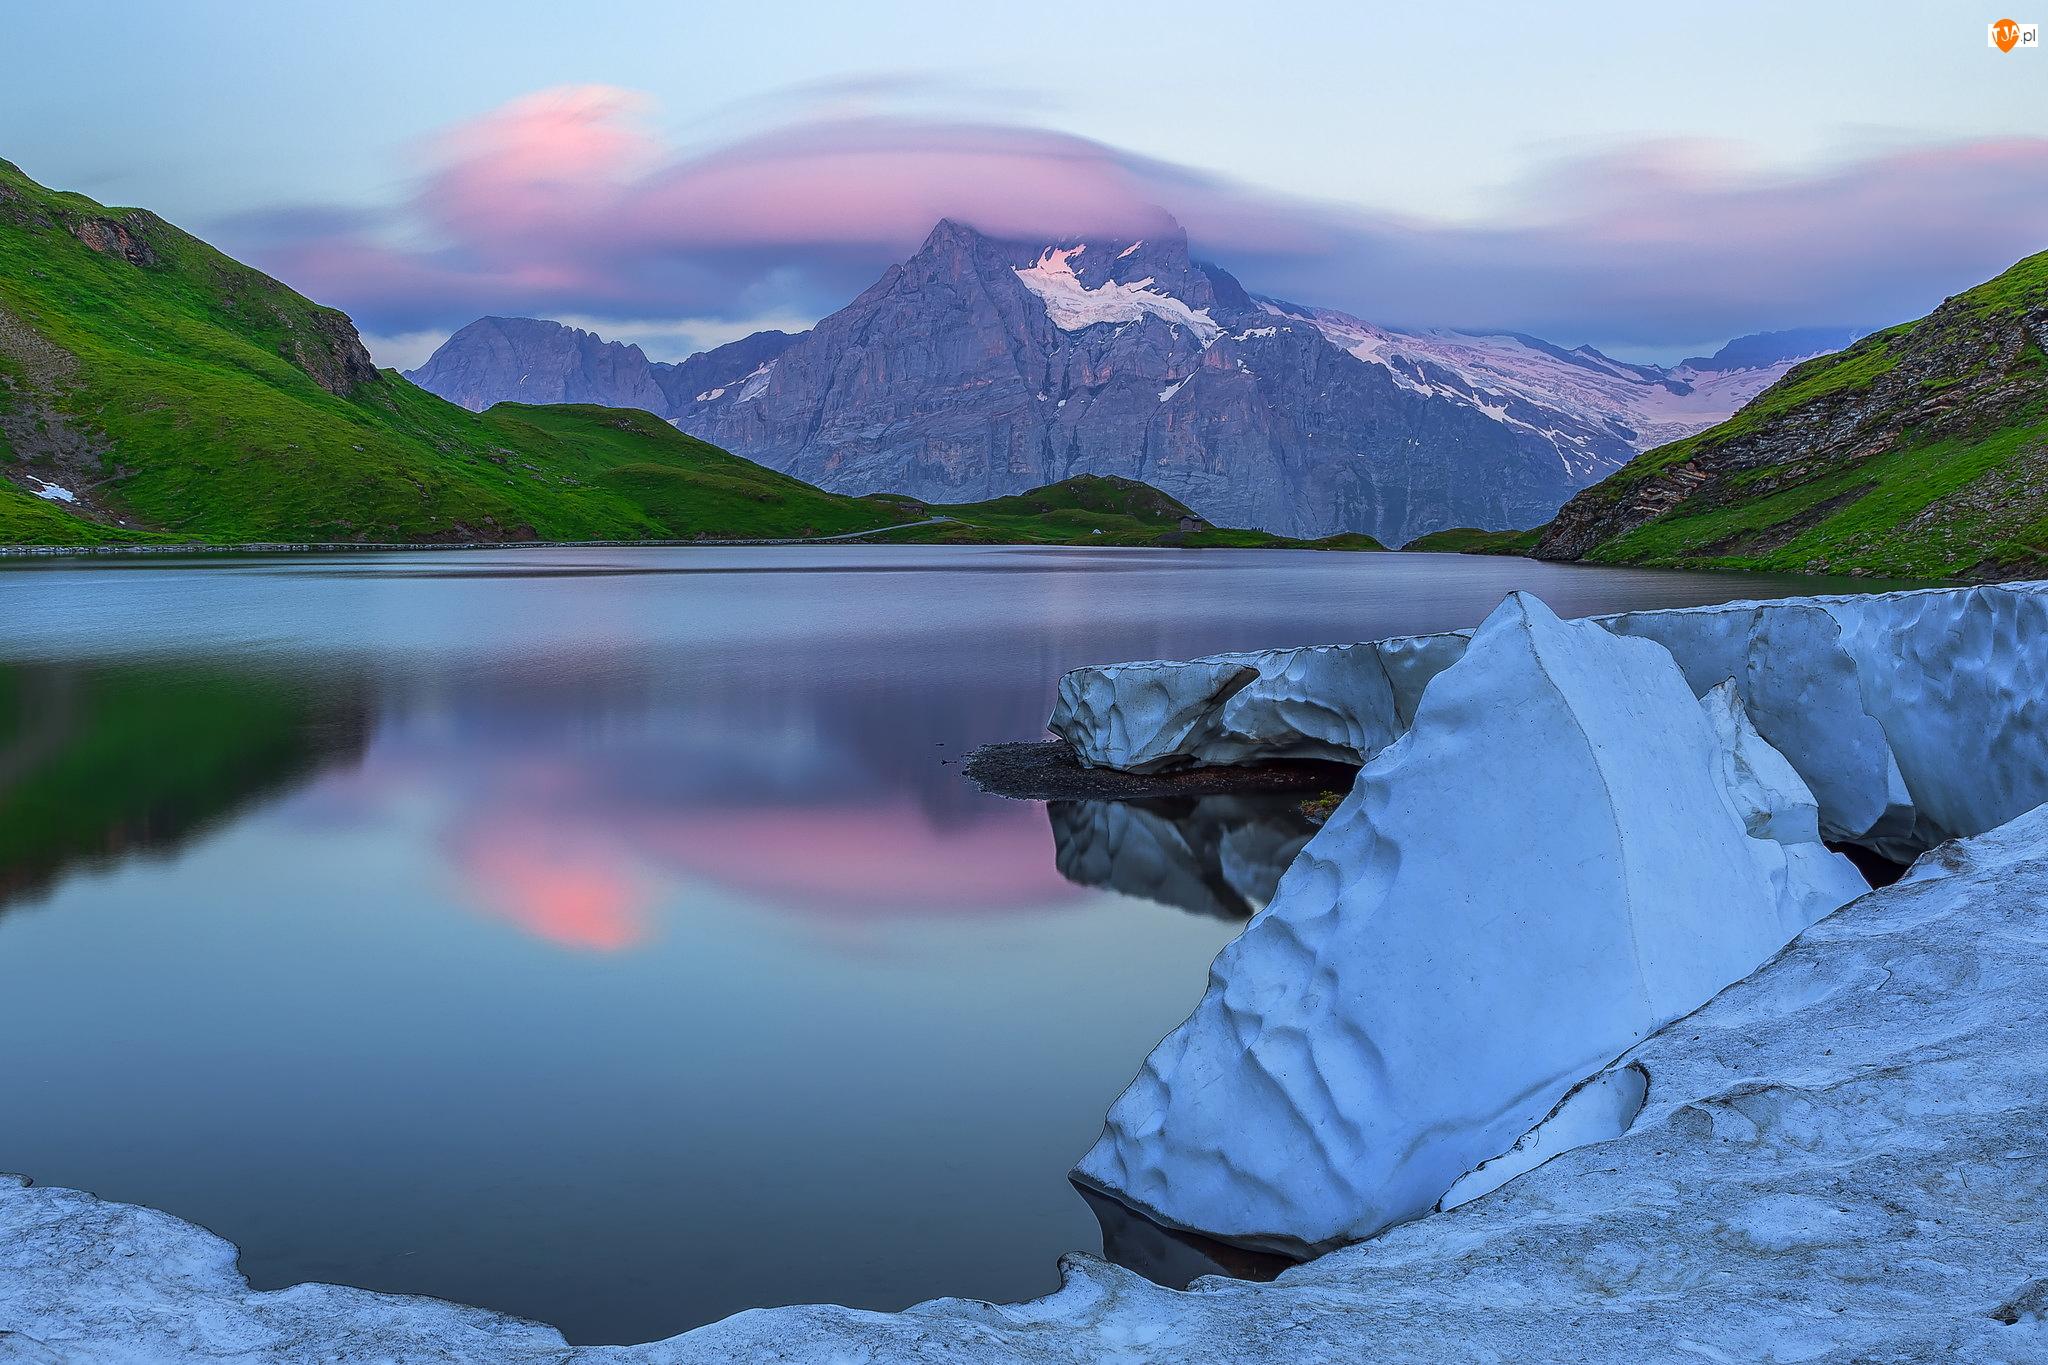 Śnieg, Jezioro Bachsee, Góra Wetterhorn, Kanton Berno, Góry, Zima, Szwajcaria, Alpy Berneńskie